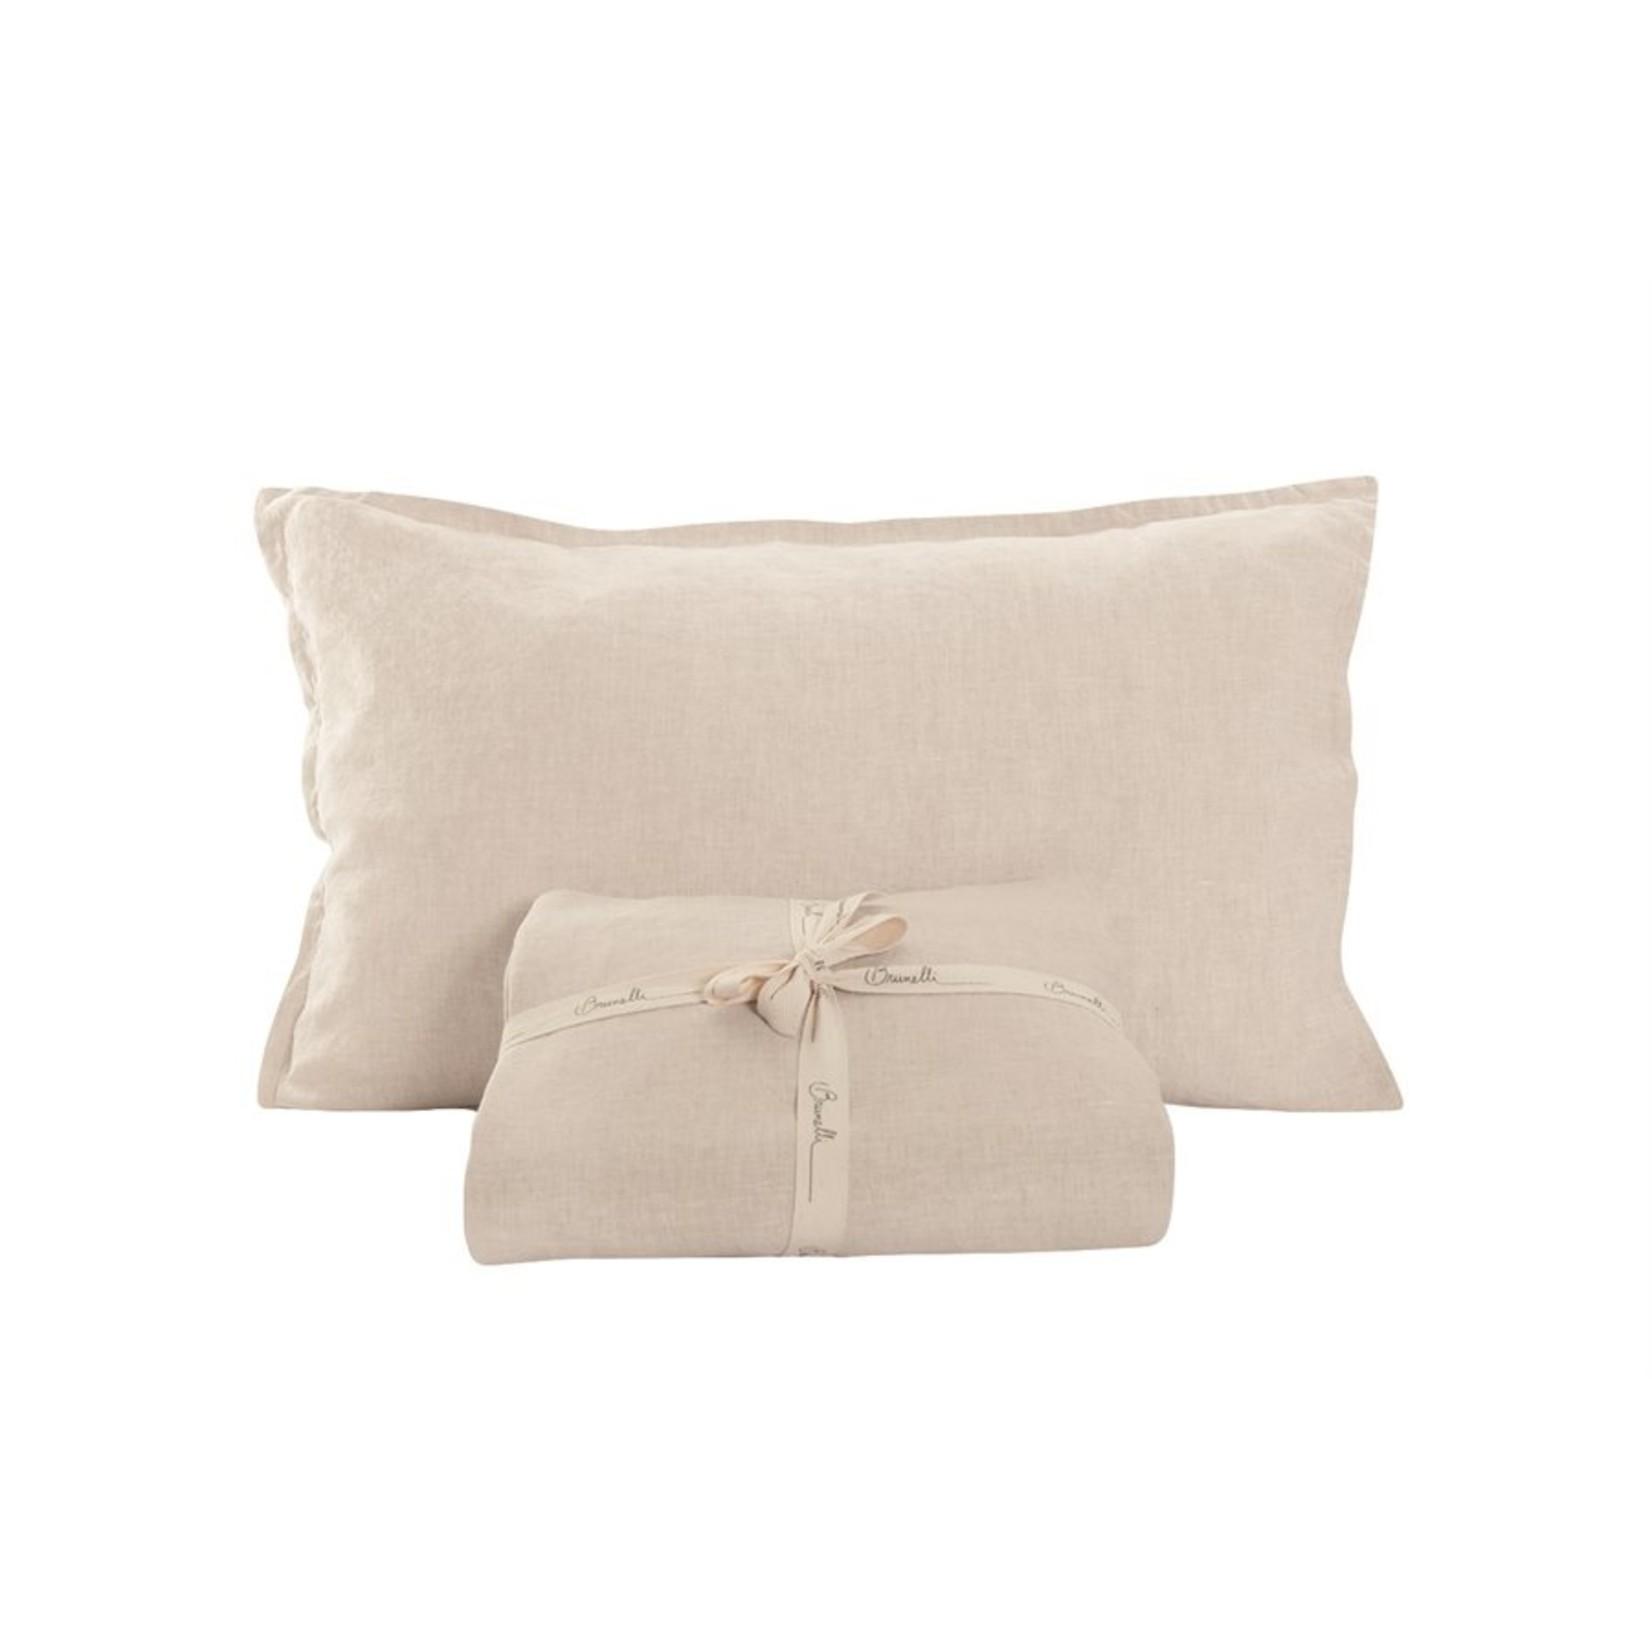 Brunelli Linen White Sheet Set